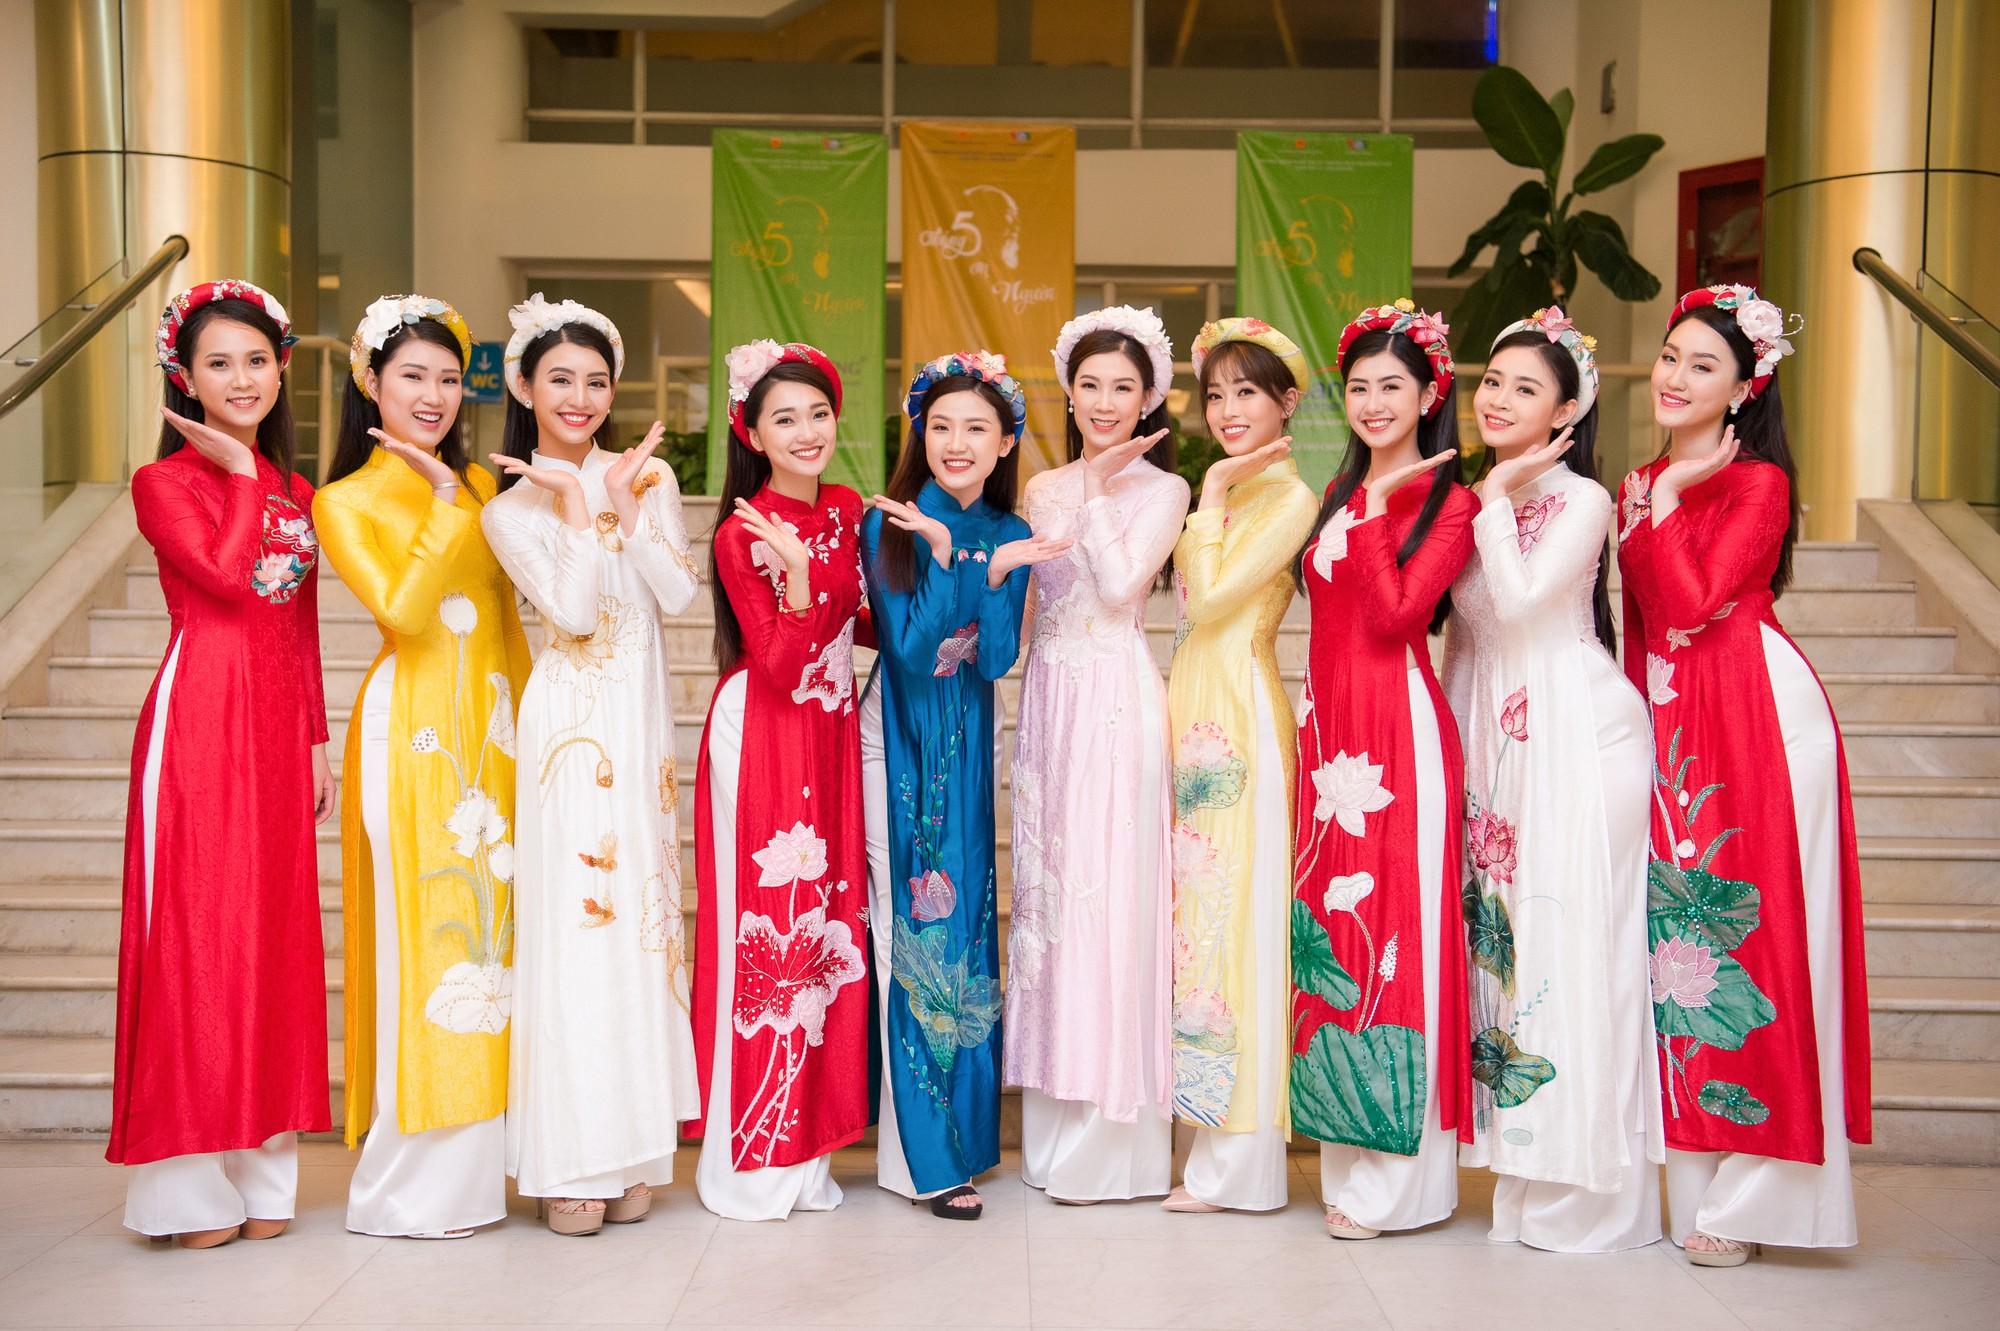 Phương Nga diện áo dài nền nã, thân thiết khi đụng độ bạn gái màn ảnh của Bình An - Ảnh 12.